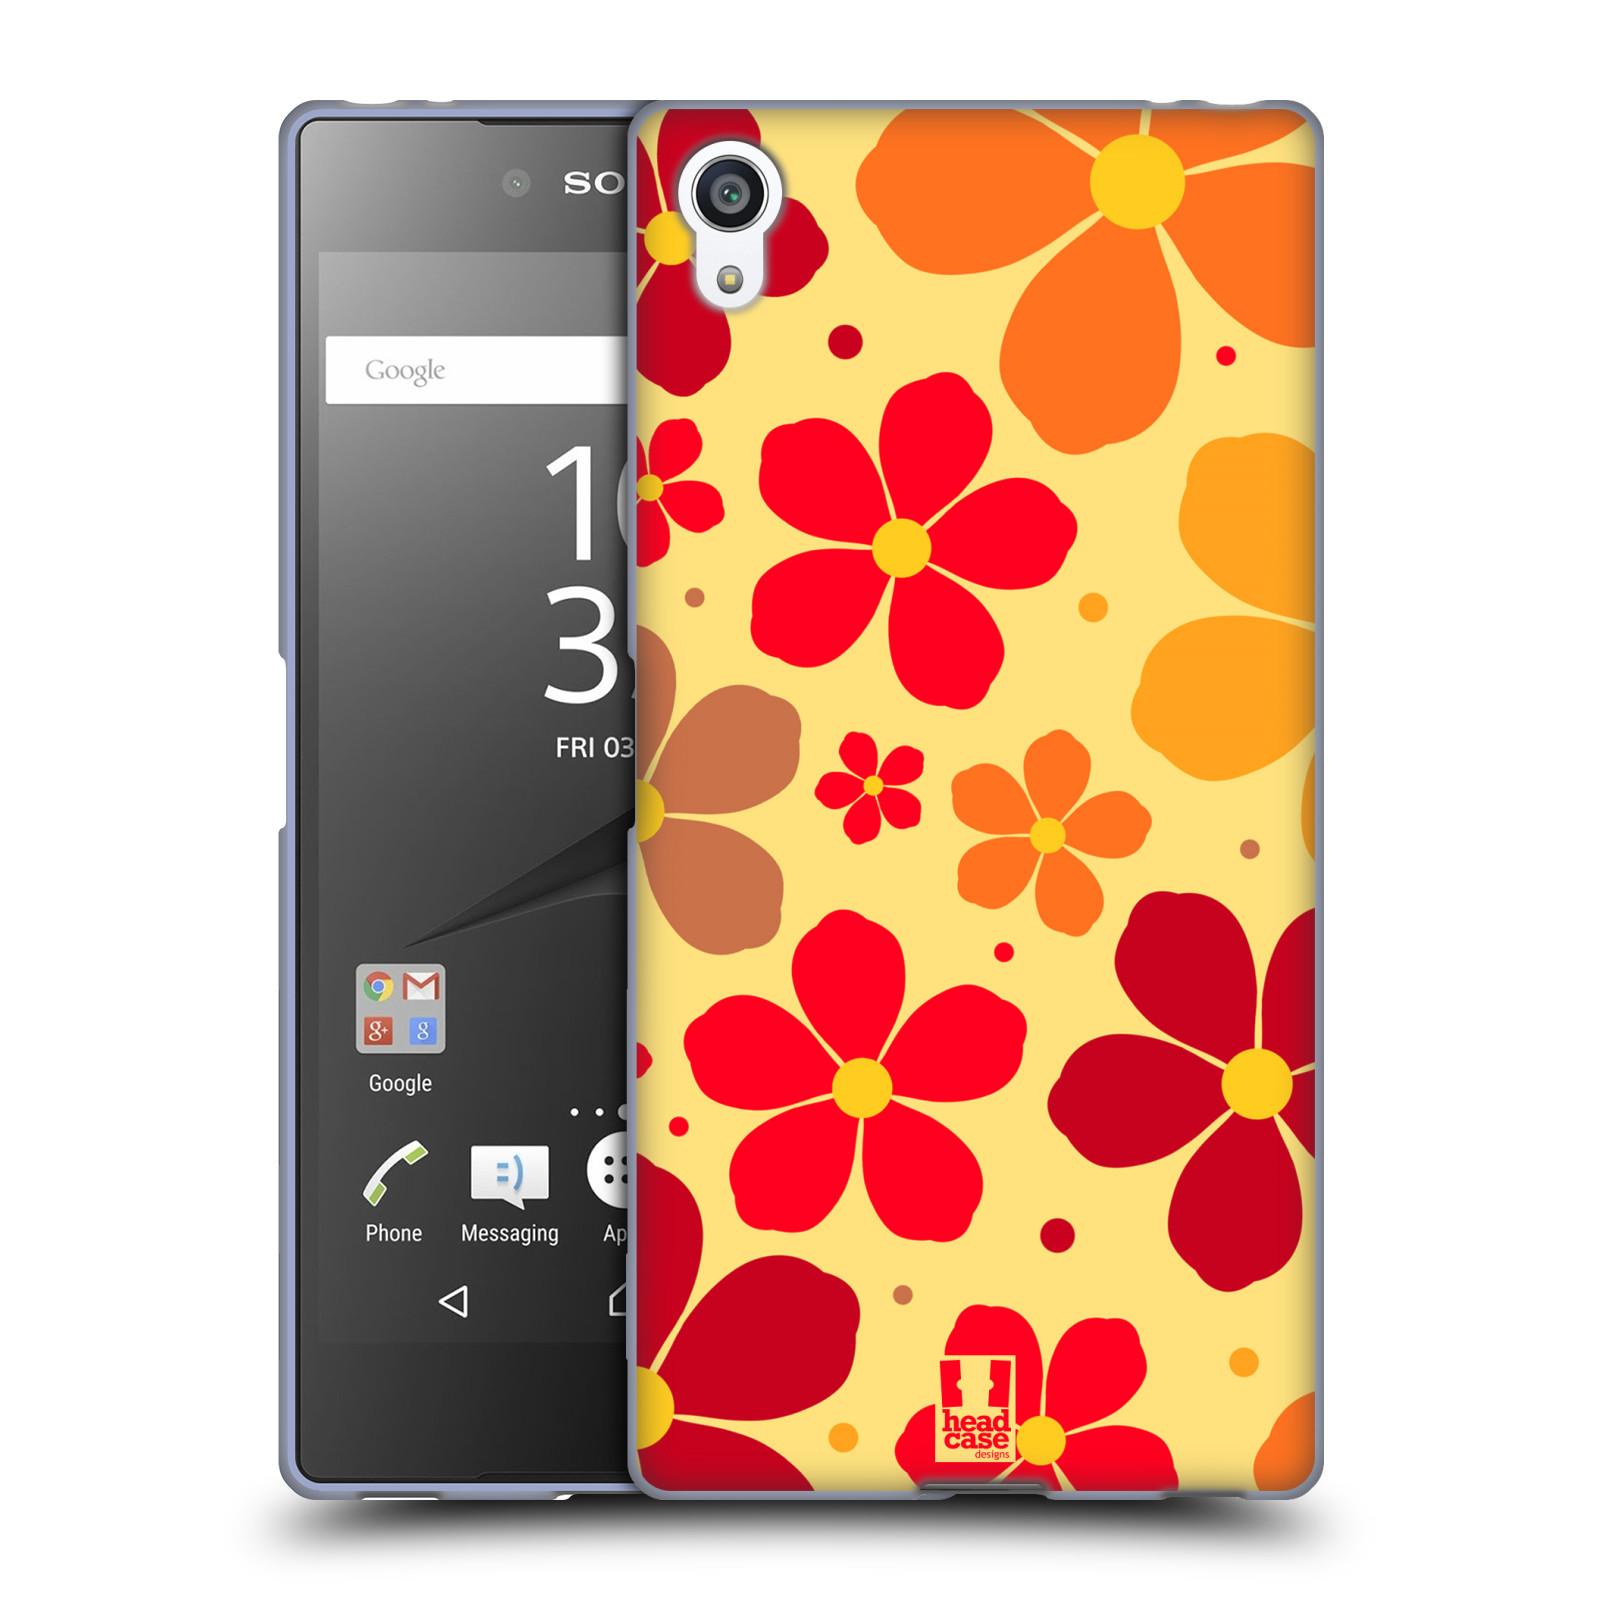 Silikonové pouzdro na mobil Sony Xperia Z5 Premium HEAD CASE ORANŽOVÉ KYTIČKY